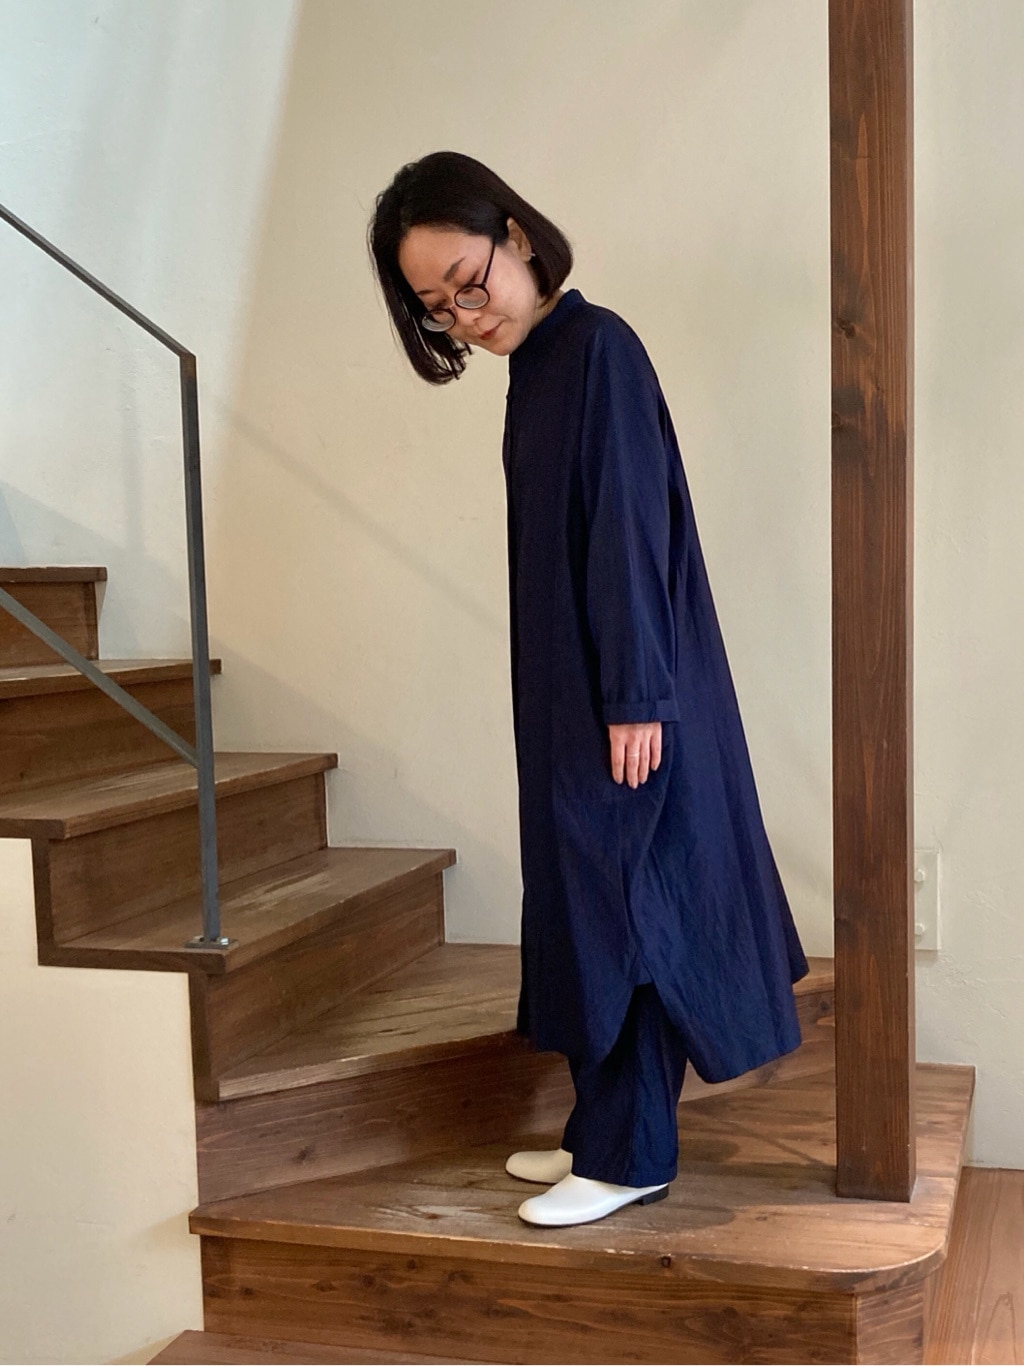 yuni 京都路面 身長:152cm 2021.03.31